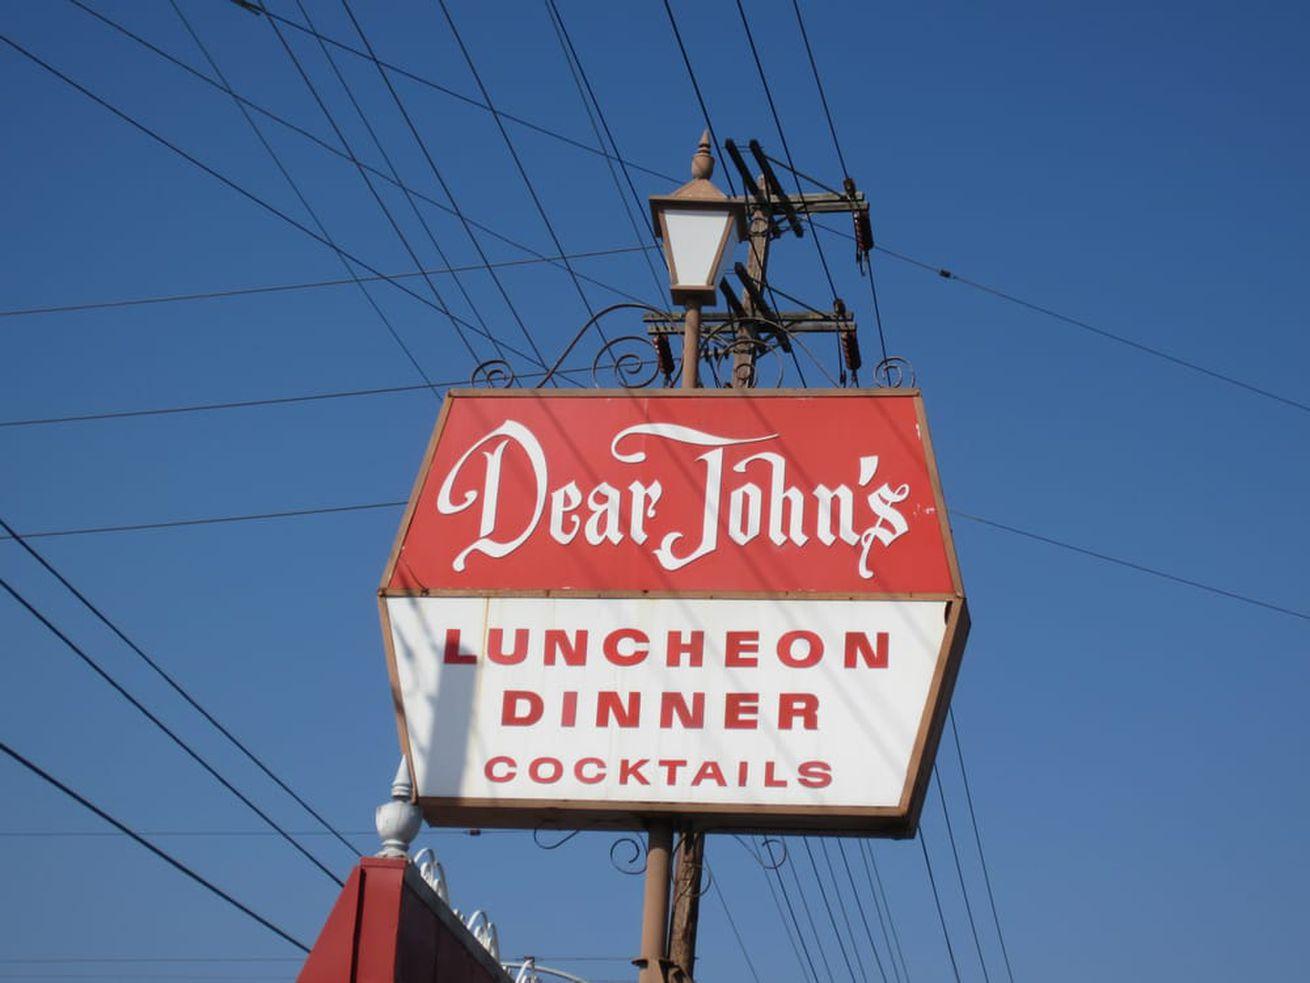 Dear John's